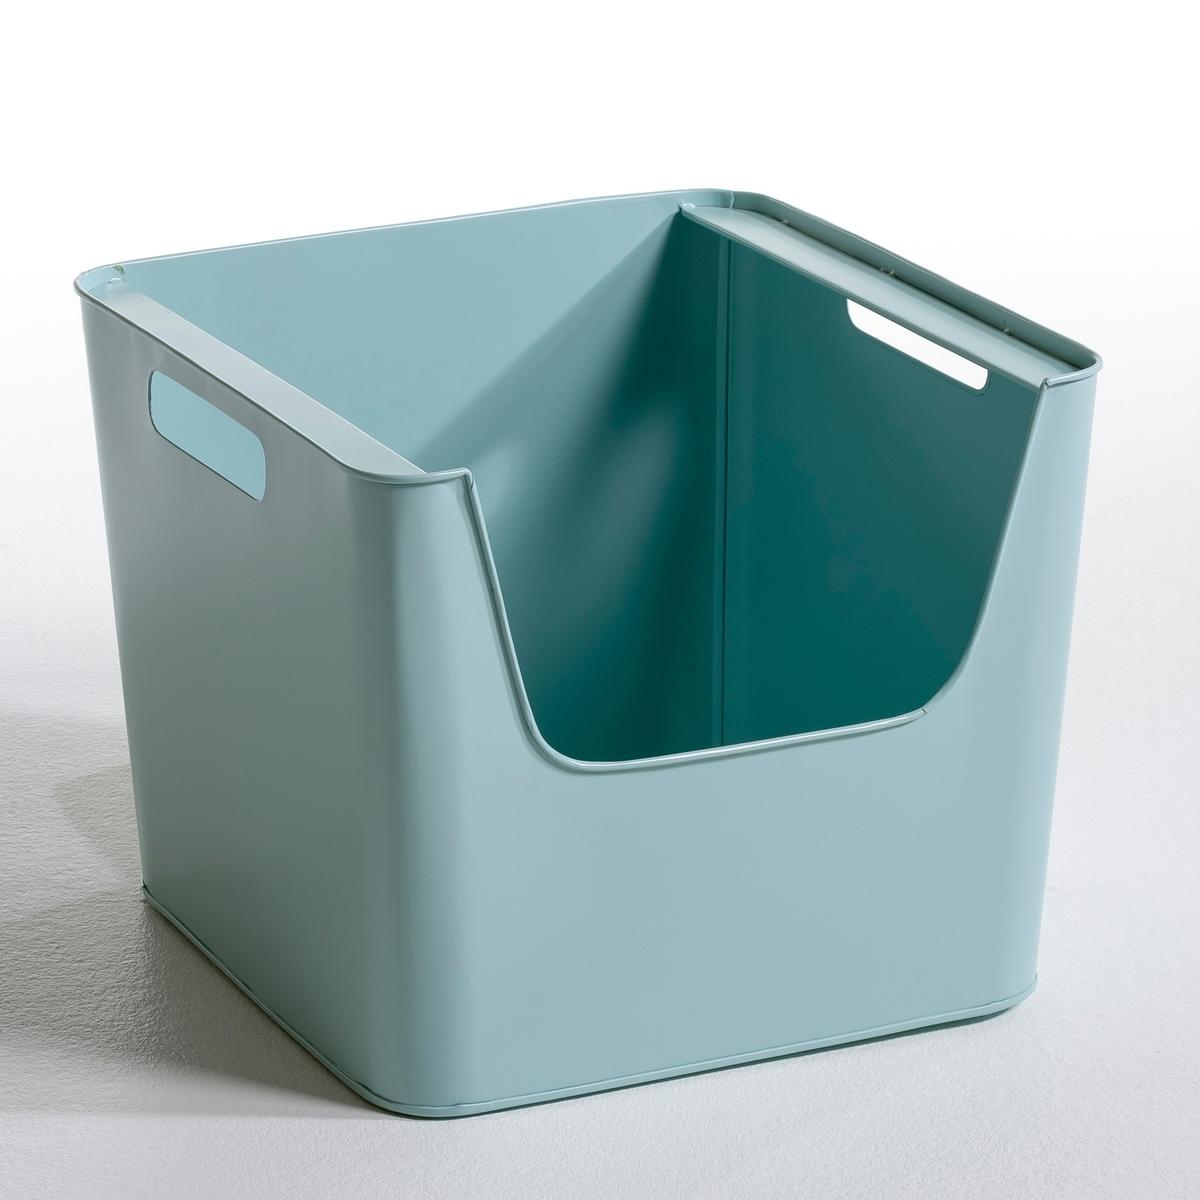 Ящик металлический Д37 x В31,5 см   ArregloНовая коллекция с закруглёнными углами в современном и одновременно в стиле ретро, простота и 7 нежных скандинавских расцветок ! Ящик большой из оцинкованного металла или покрыт эпоксидной краской с матовым эффектом. Рельефный штамп AM.PM. Характеристики ящика :- Ставятся один на другой.- Прорези по бокам для удобства переноски.Размеры  :-Д.37 x В.31,5 x гл.37 см..<br><br>Цвет: зелено-голубой матовый,серый,телесный матовый<br>Размер: единый размер